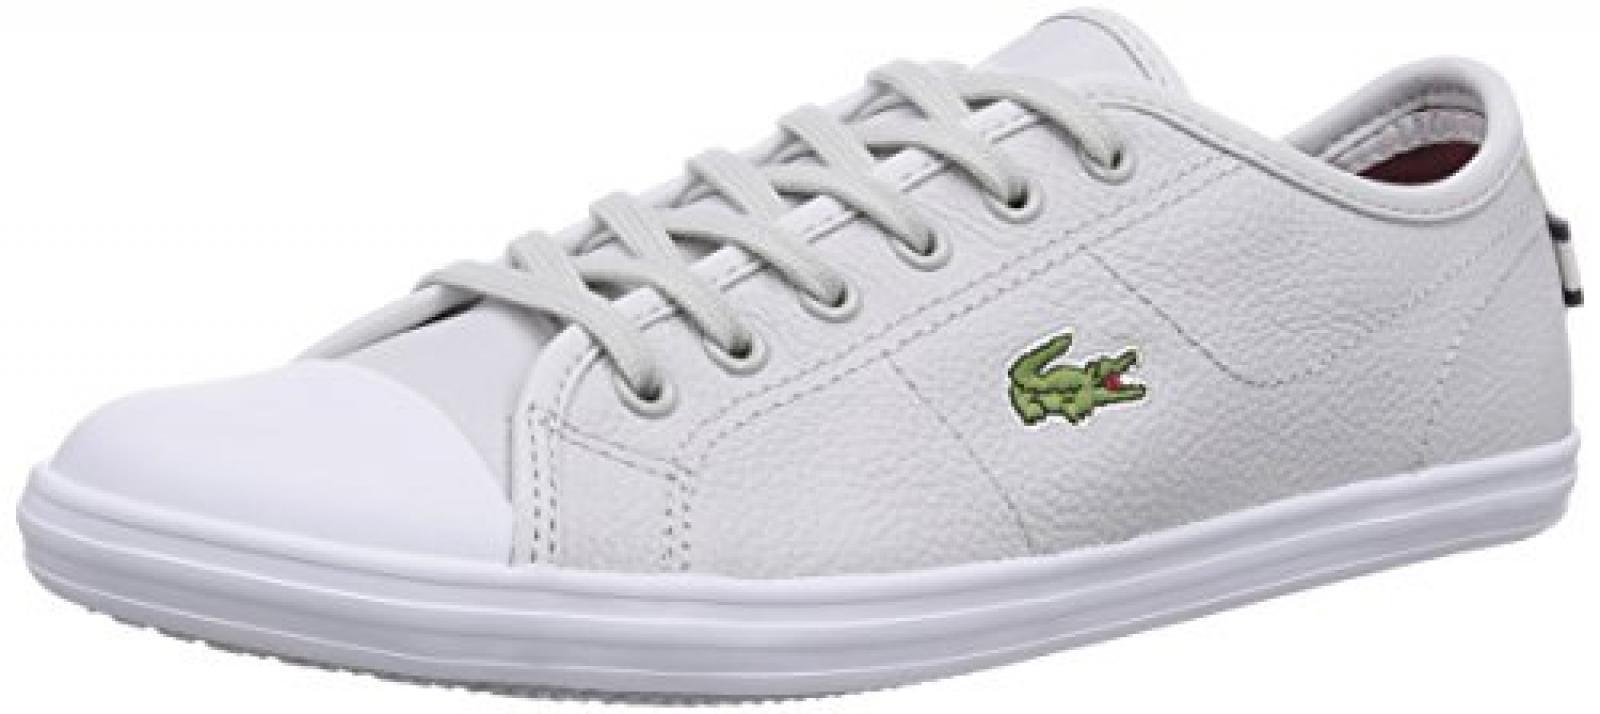 Lacoste ZIANE SNEAKER CLS2 Damen Sneakers